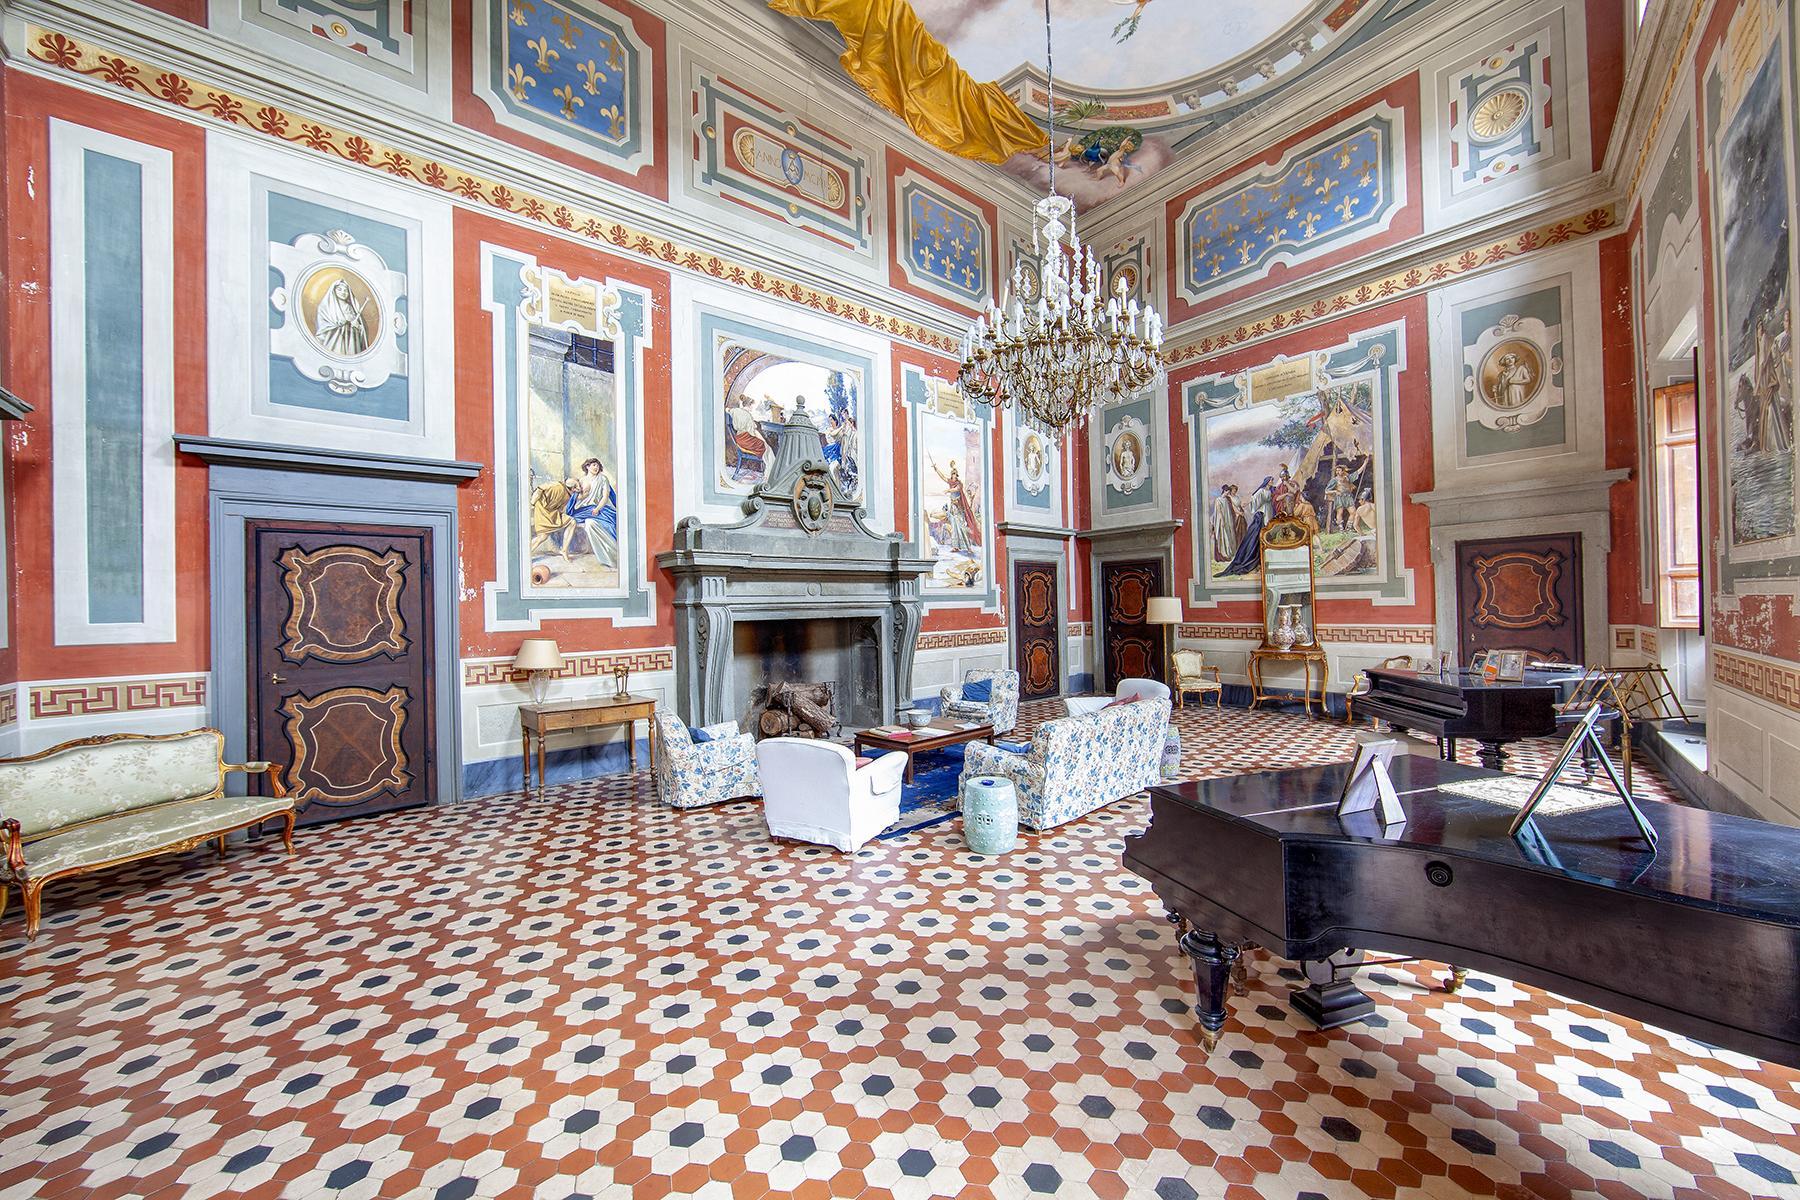 Glorious Renaissance Palace - 1